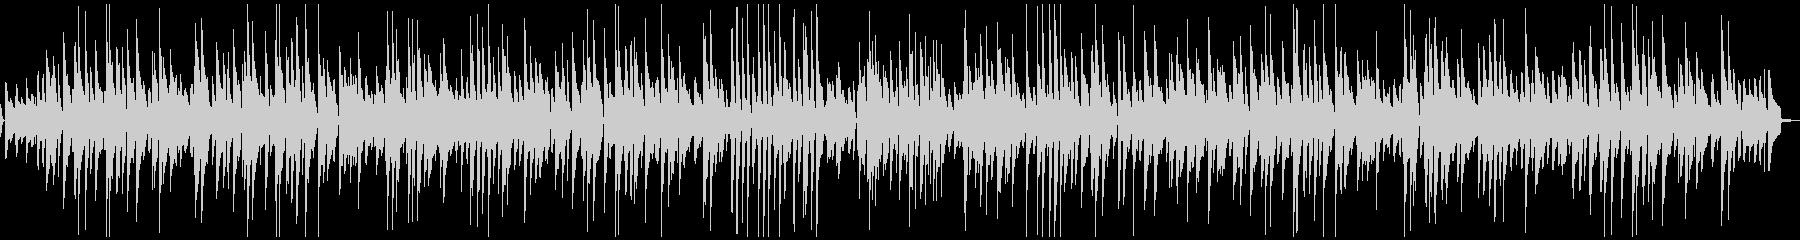 ピアノのゆったりスイングジャズの未再生の波形